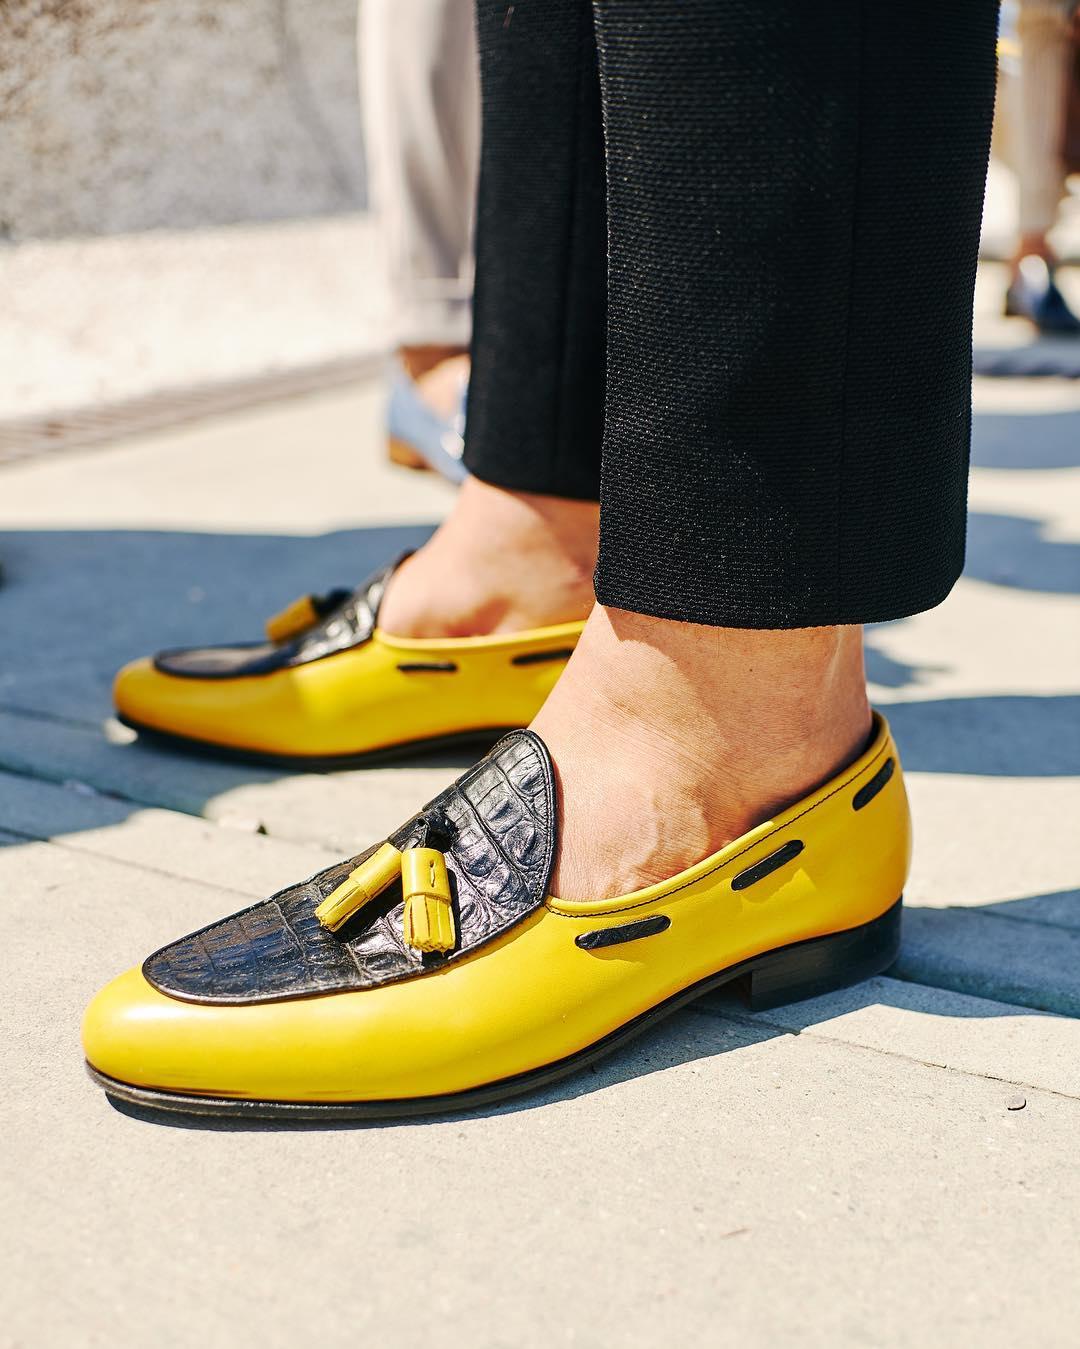 Đôi loafer vàng điểm đen nổi bật